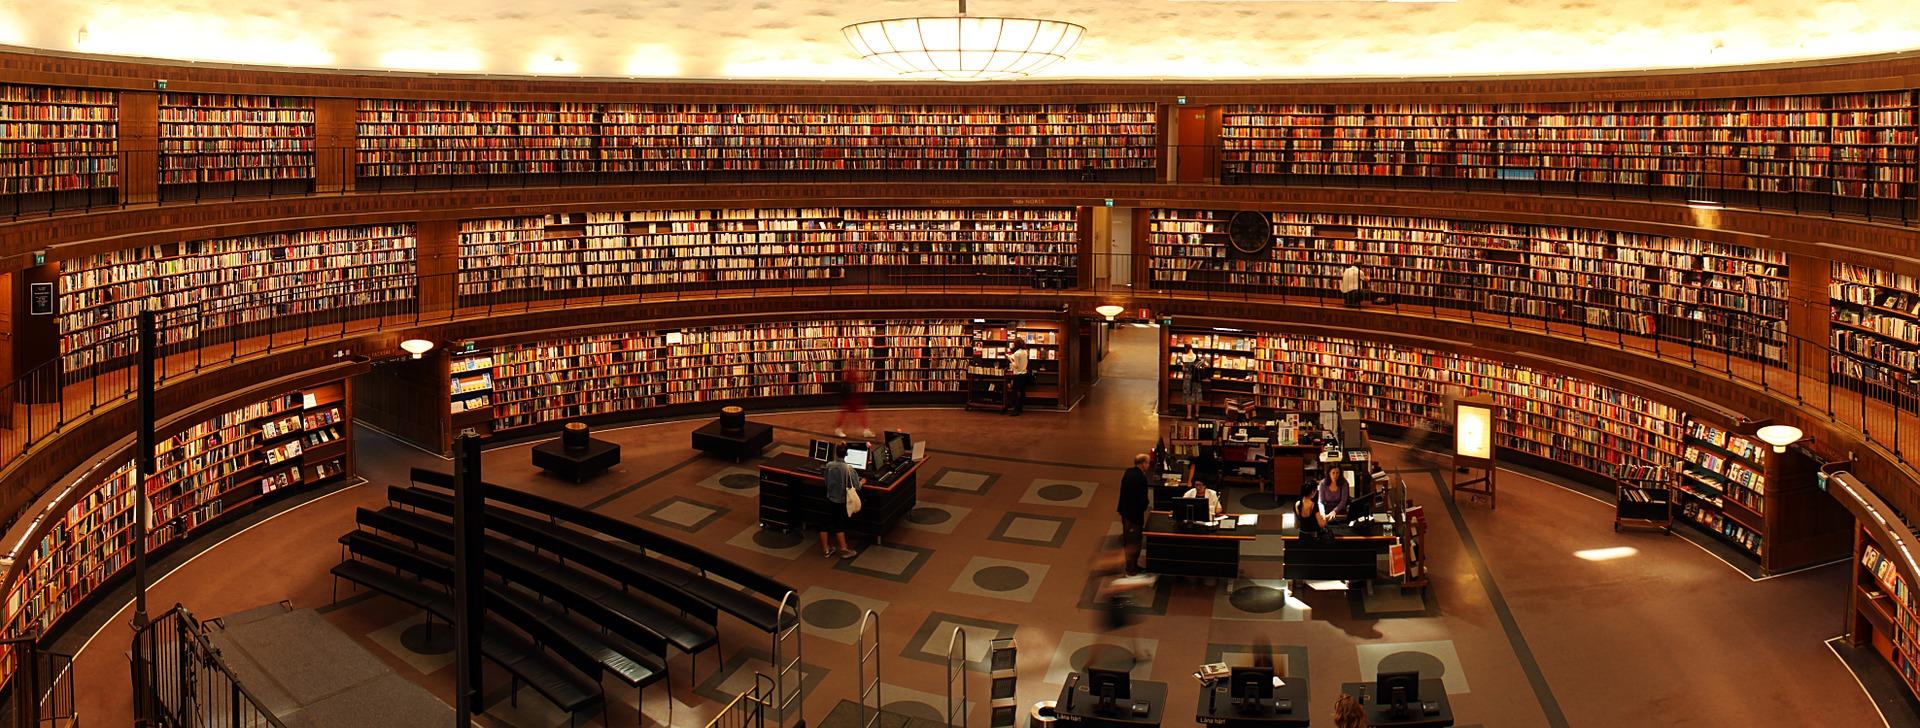 Εσωτερικό βιβλιοθήκης